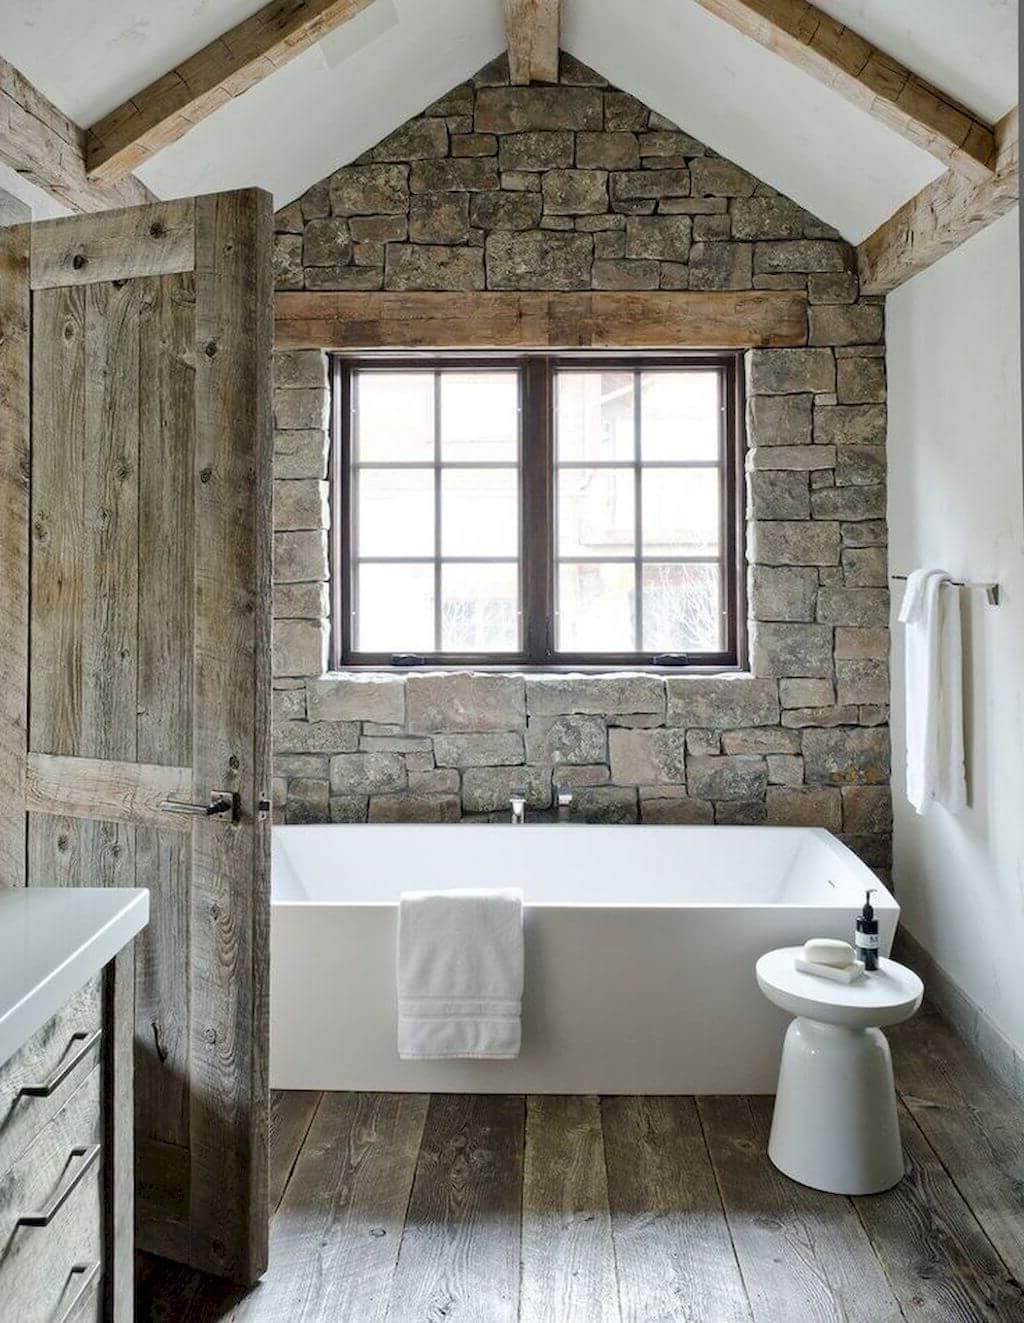 Salle de bain anglaise.